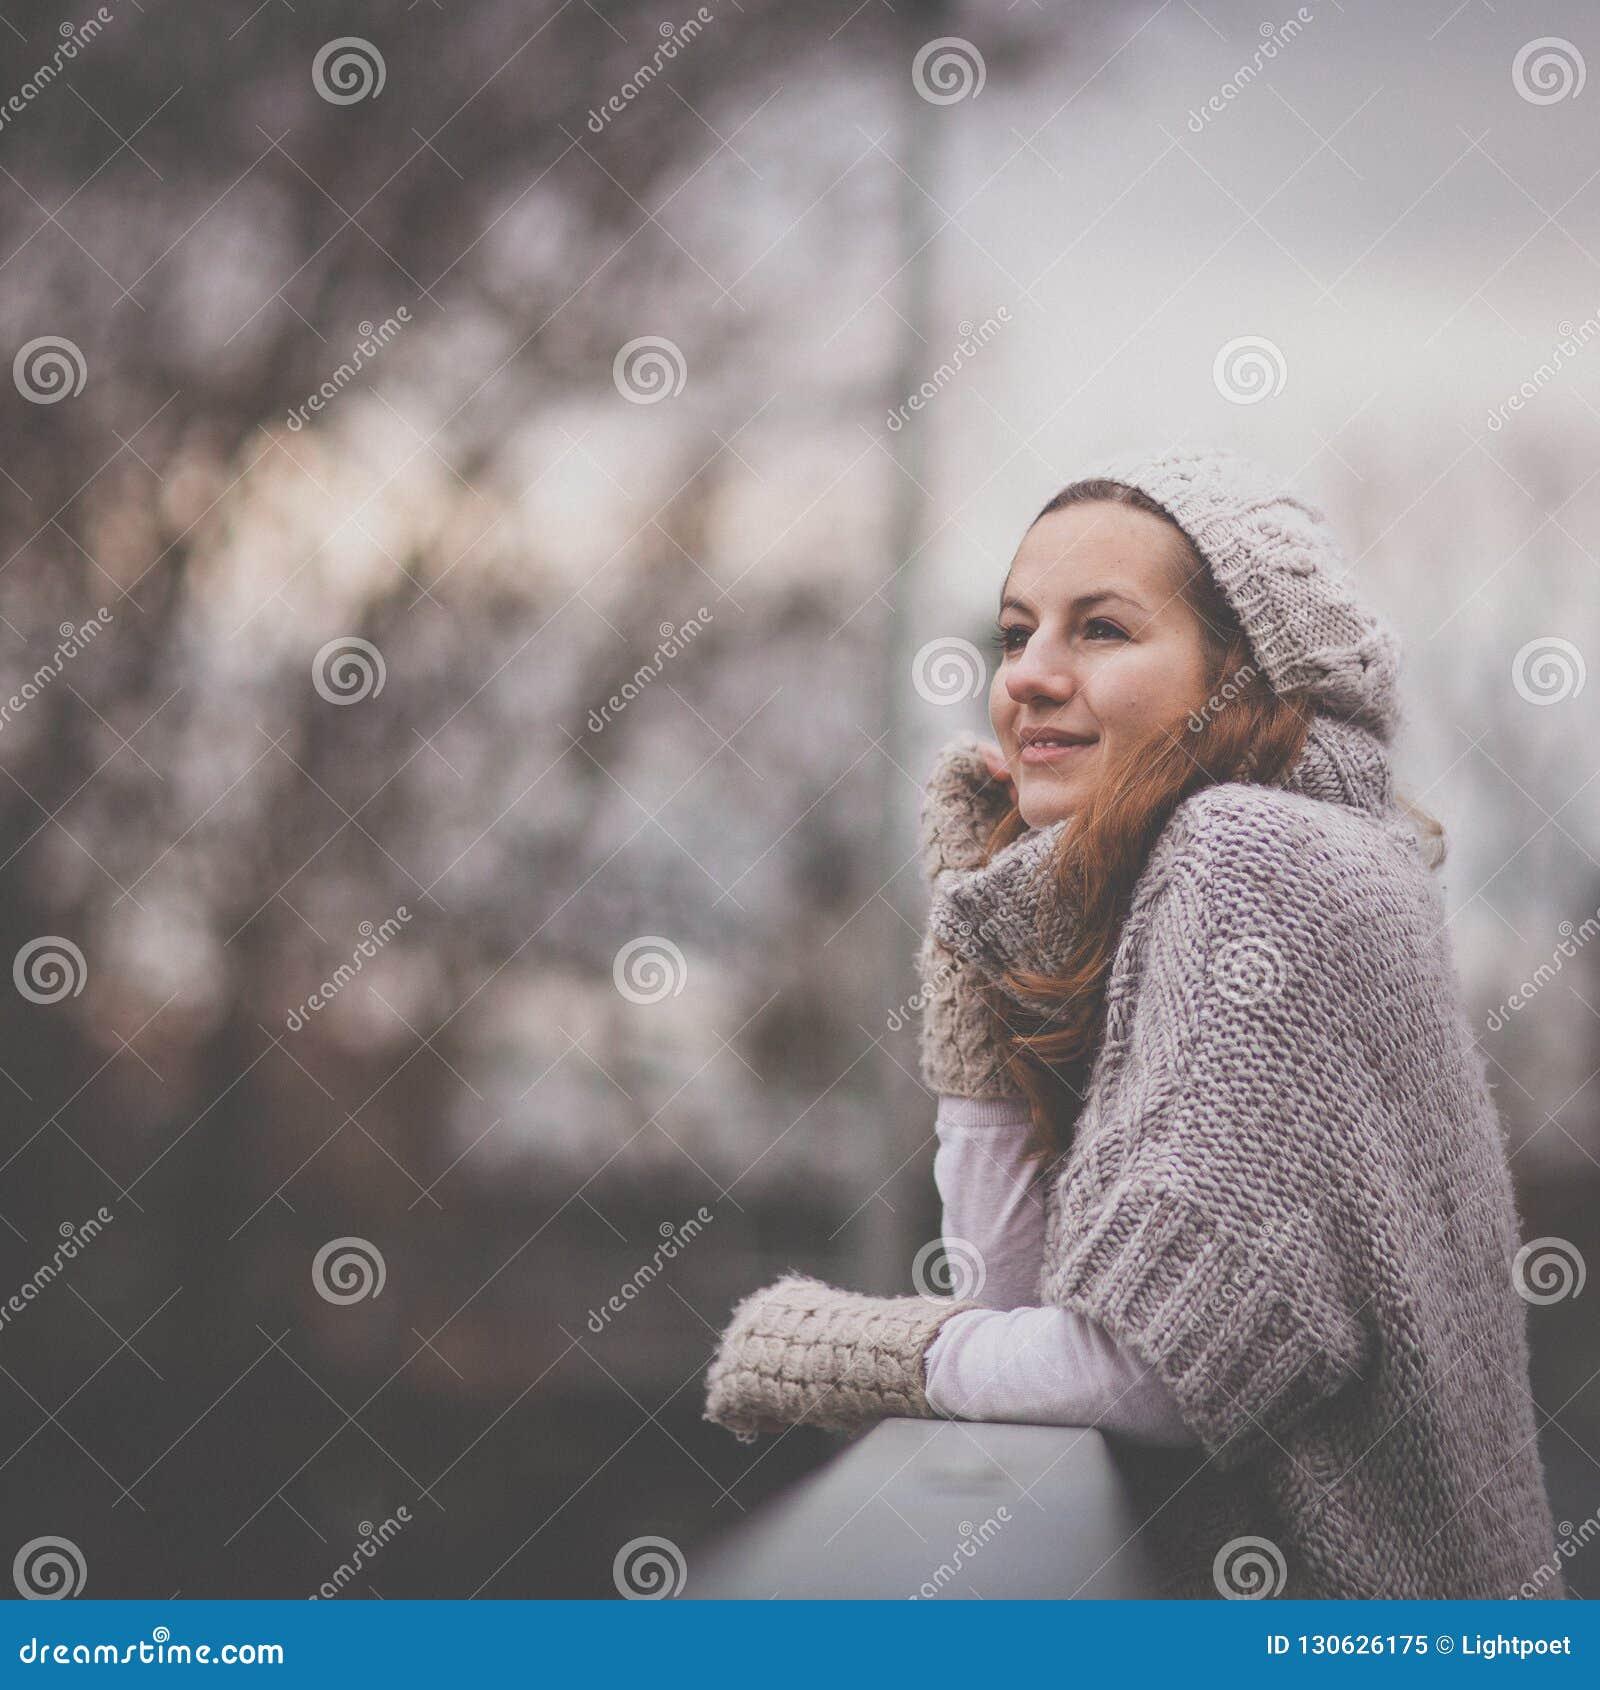 Retrato do outono/inverno: jovem mulher vestida em um casaco de lã de lã morno